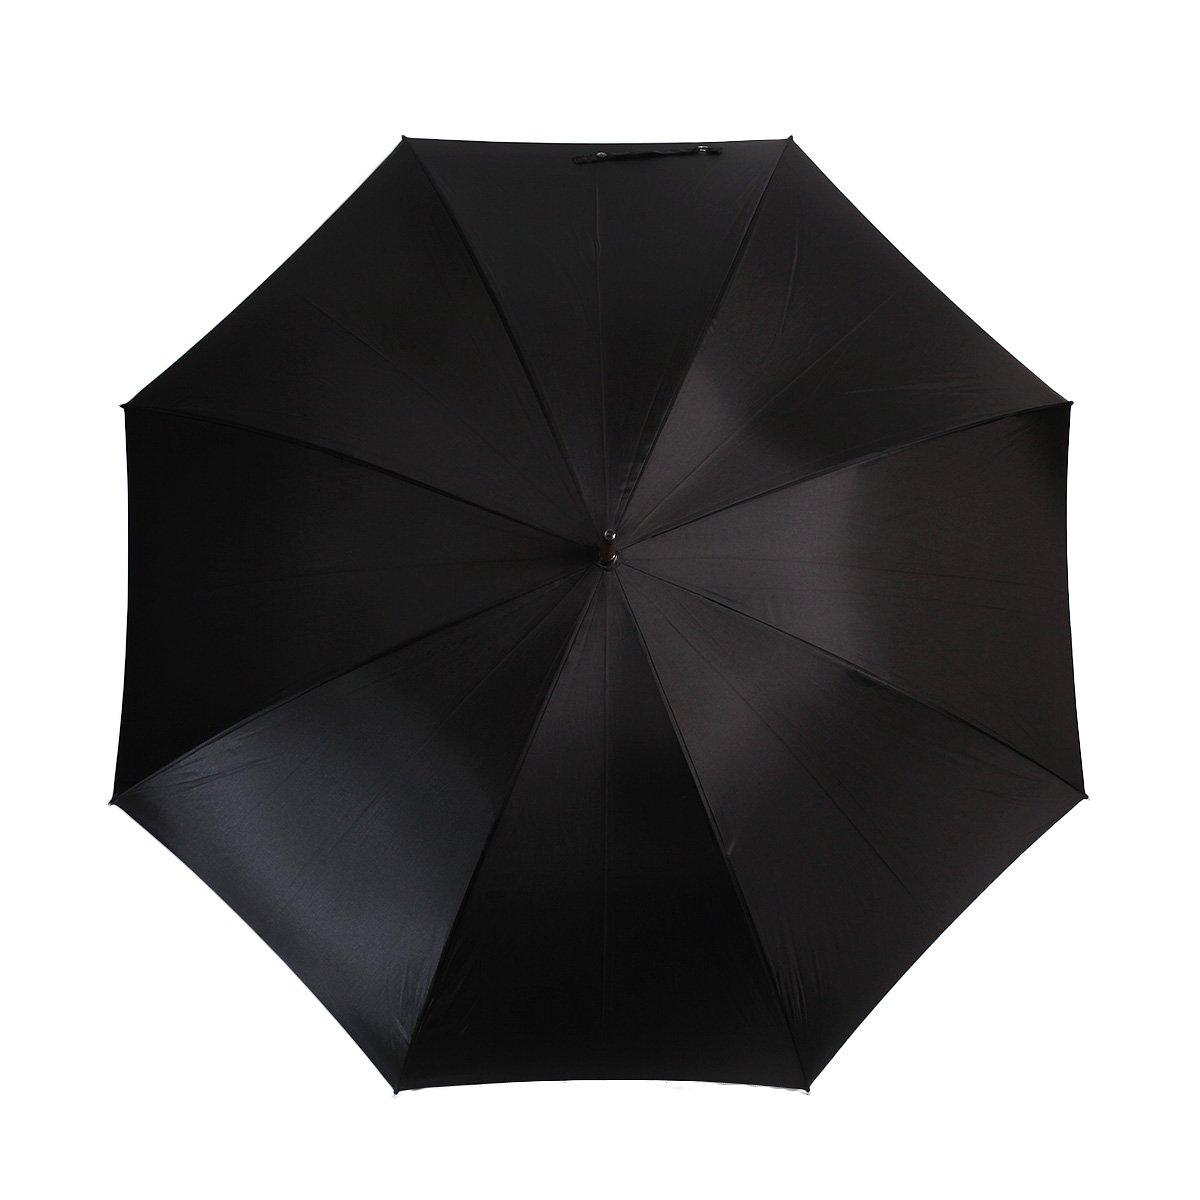 【公式限定】アイアンウッド 富士絹 スリム 長傘 詳細画像5